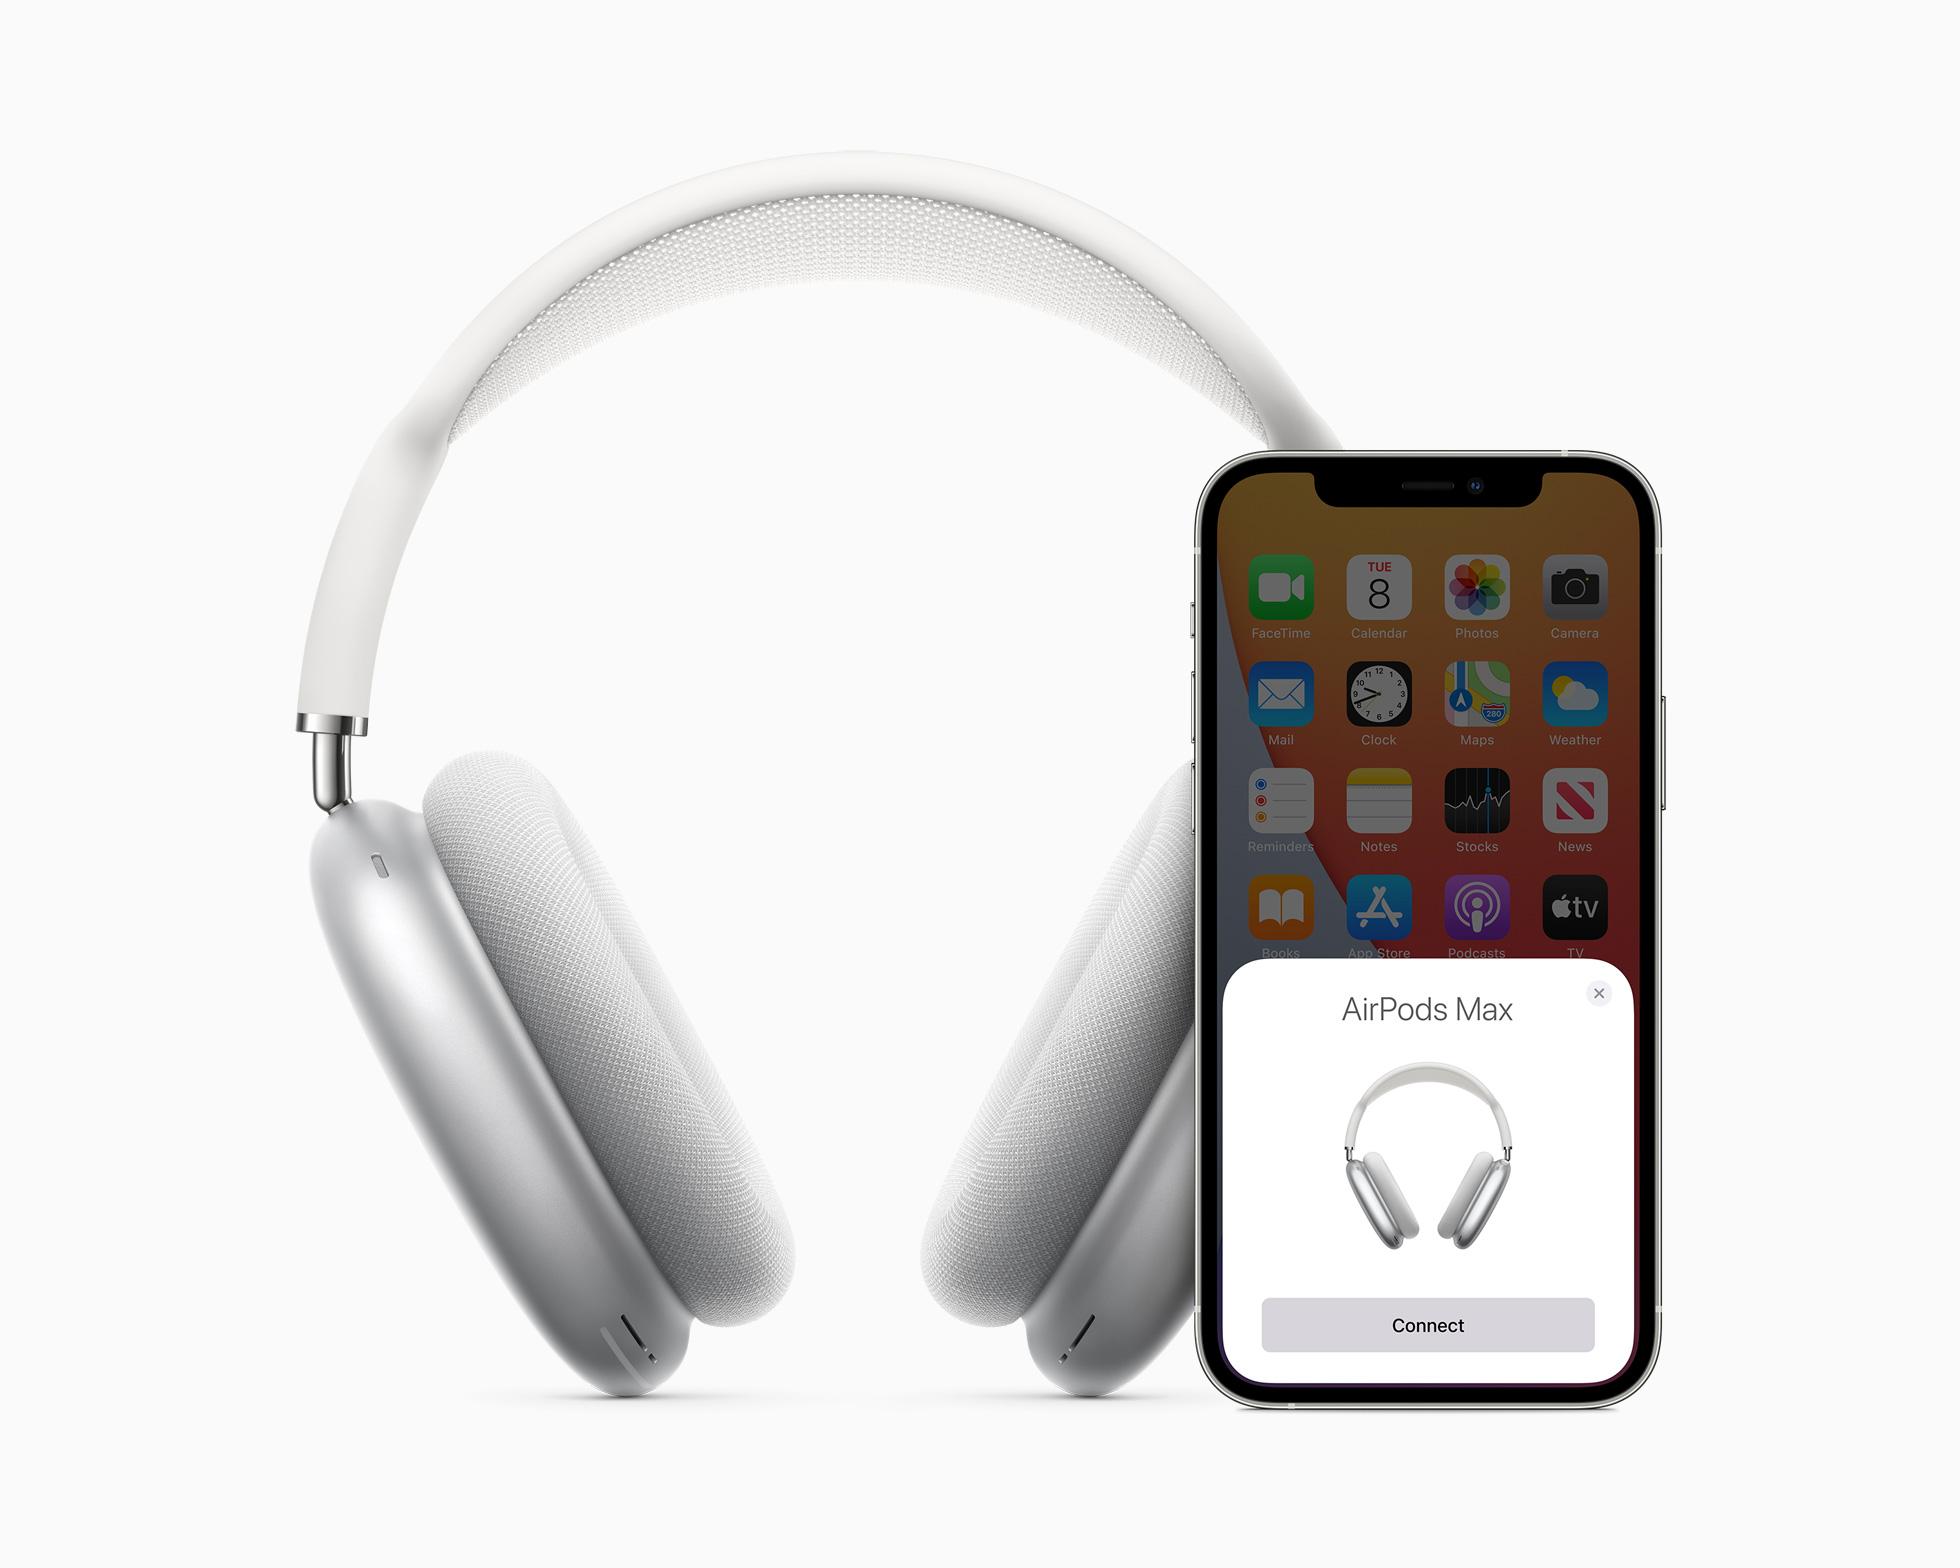 AirPods Pro mudah terdeteksi di iPhone.